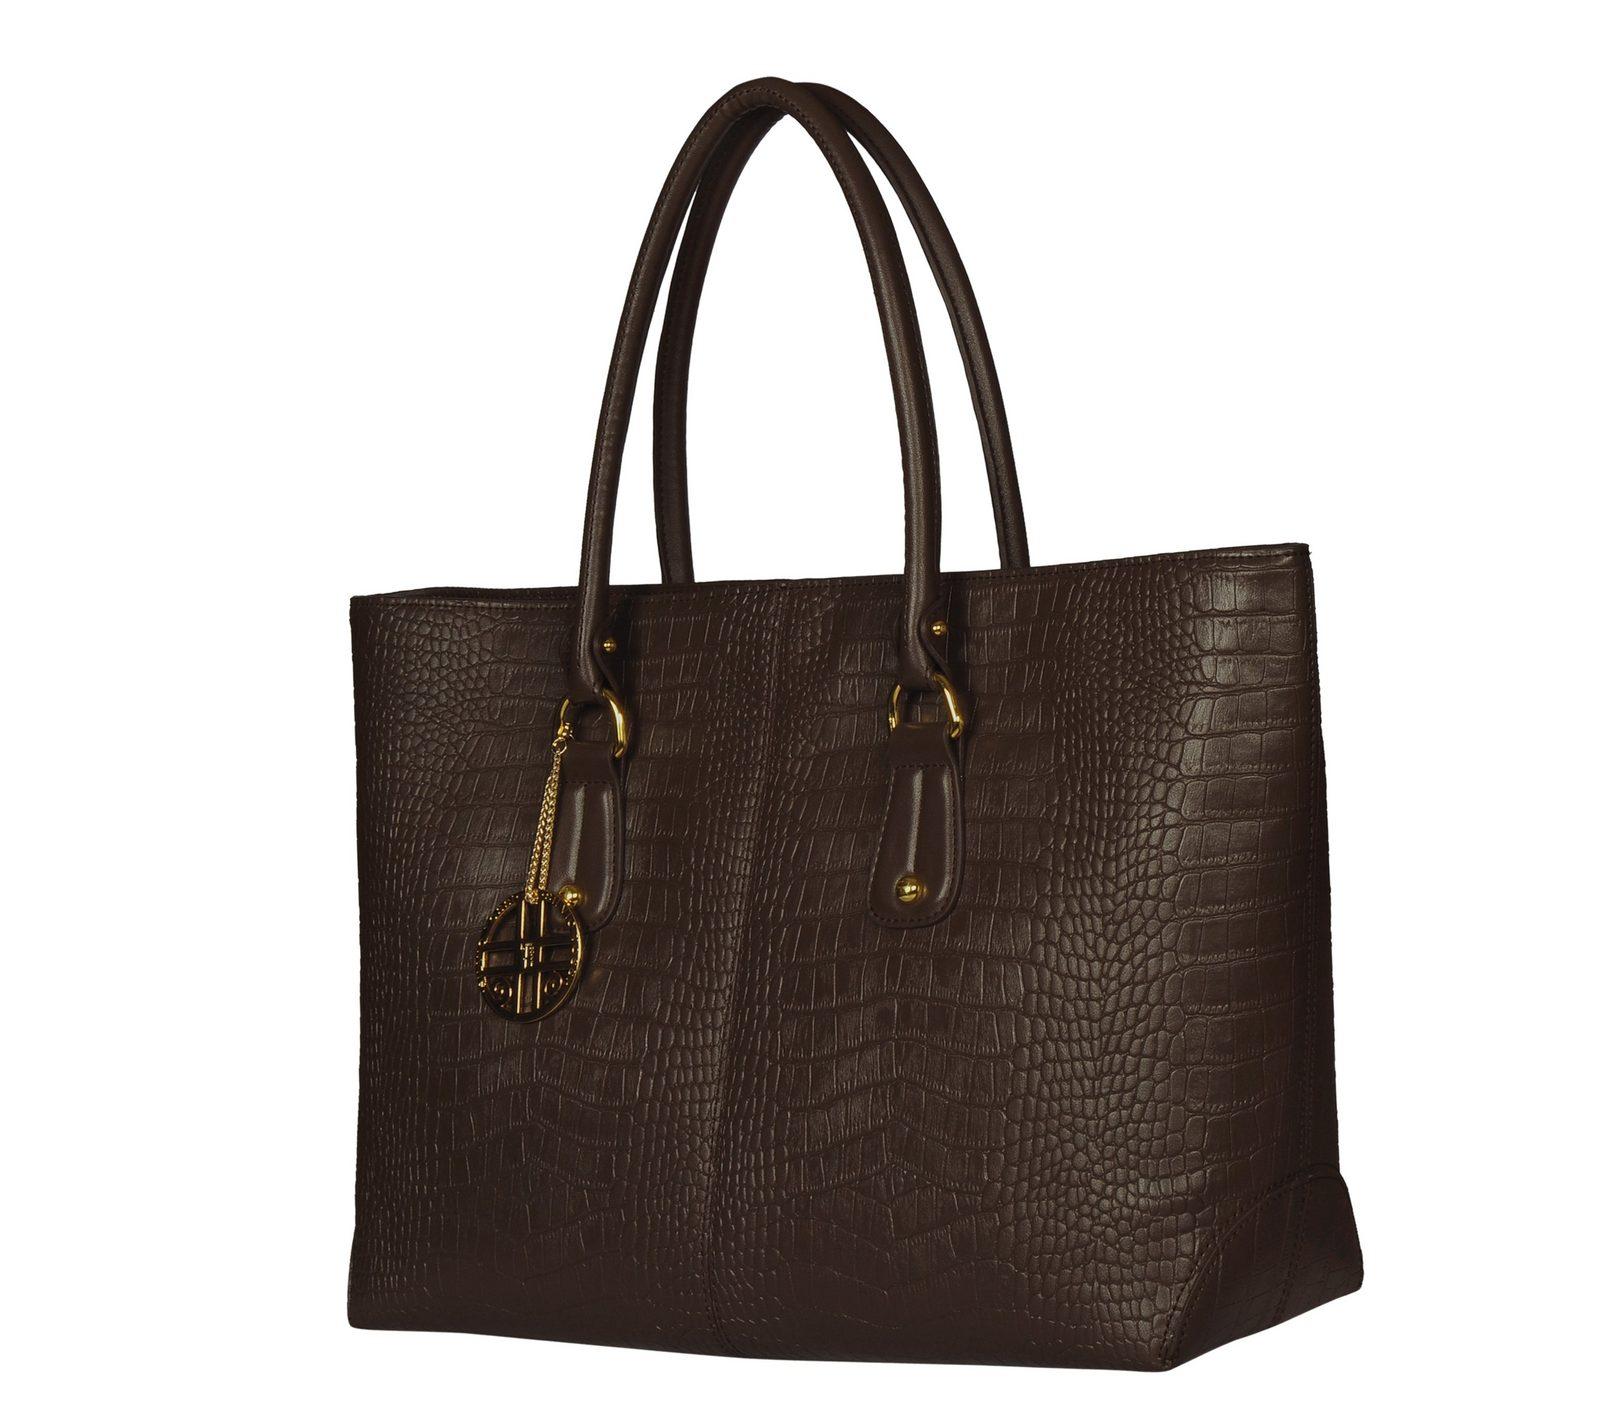 Silvio Tossi Handtasche im Krokodil-Design mit Markenanhänger - broschei